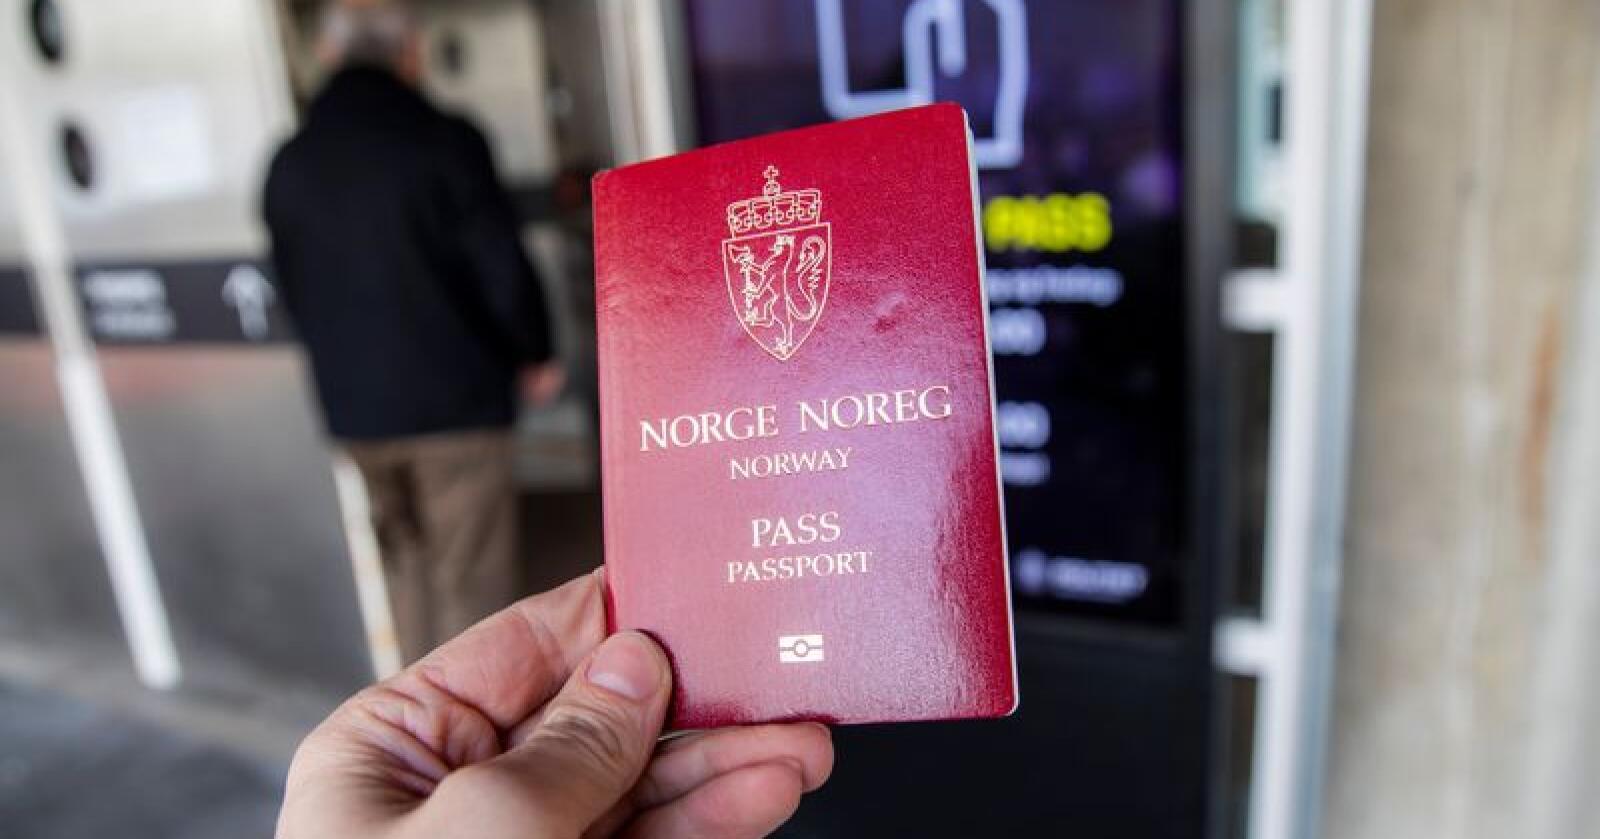 Stortinget vedtok sommeren 2018 at 90 prosent av innbyggerne skal bo maks 45 minutter fra et passkontor. Vedtaket er ikke mulig å gjennomføre, mener regjeringen. Foto: Håkon Mosvold Larsen / NTB scanpix